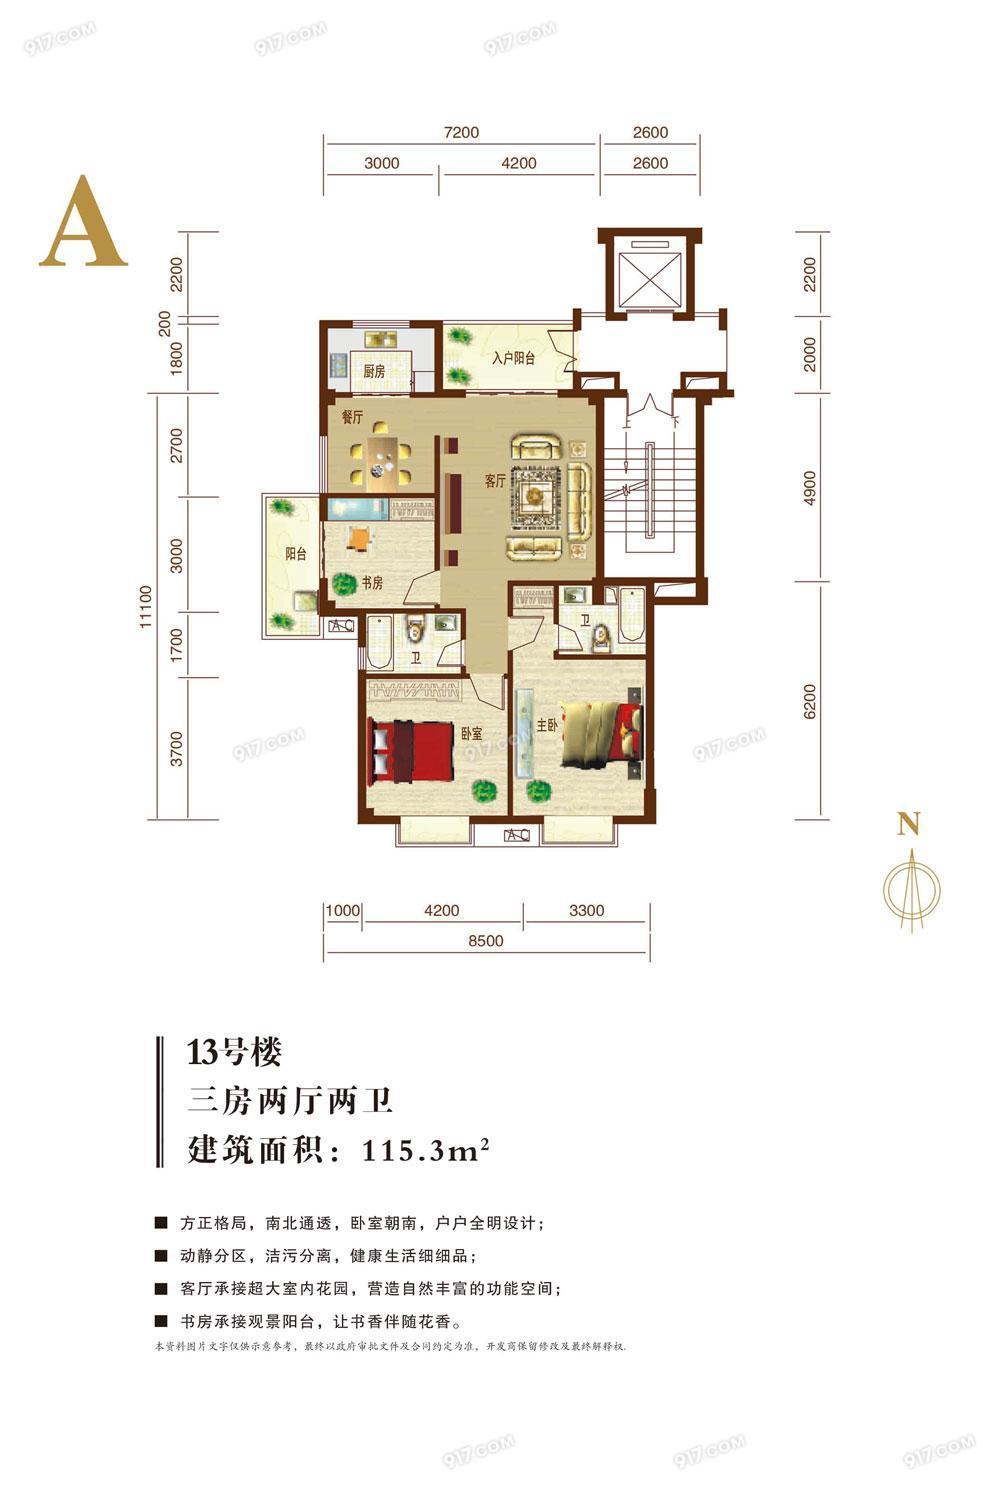 13#楼 3房2厅2卫 115平